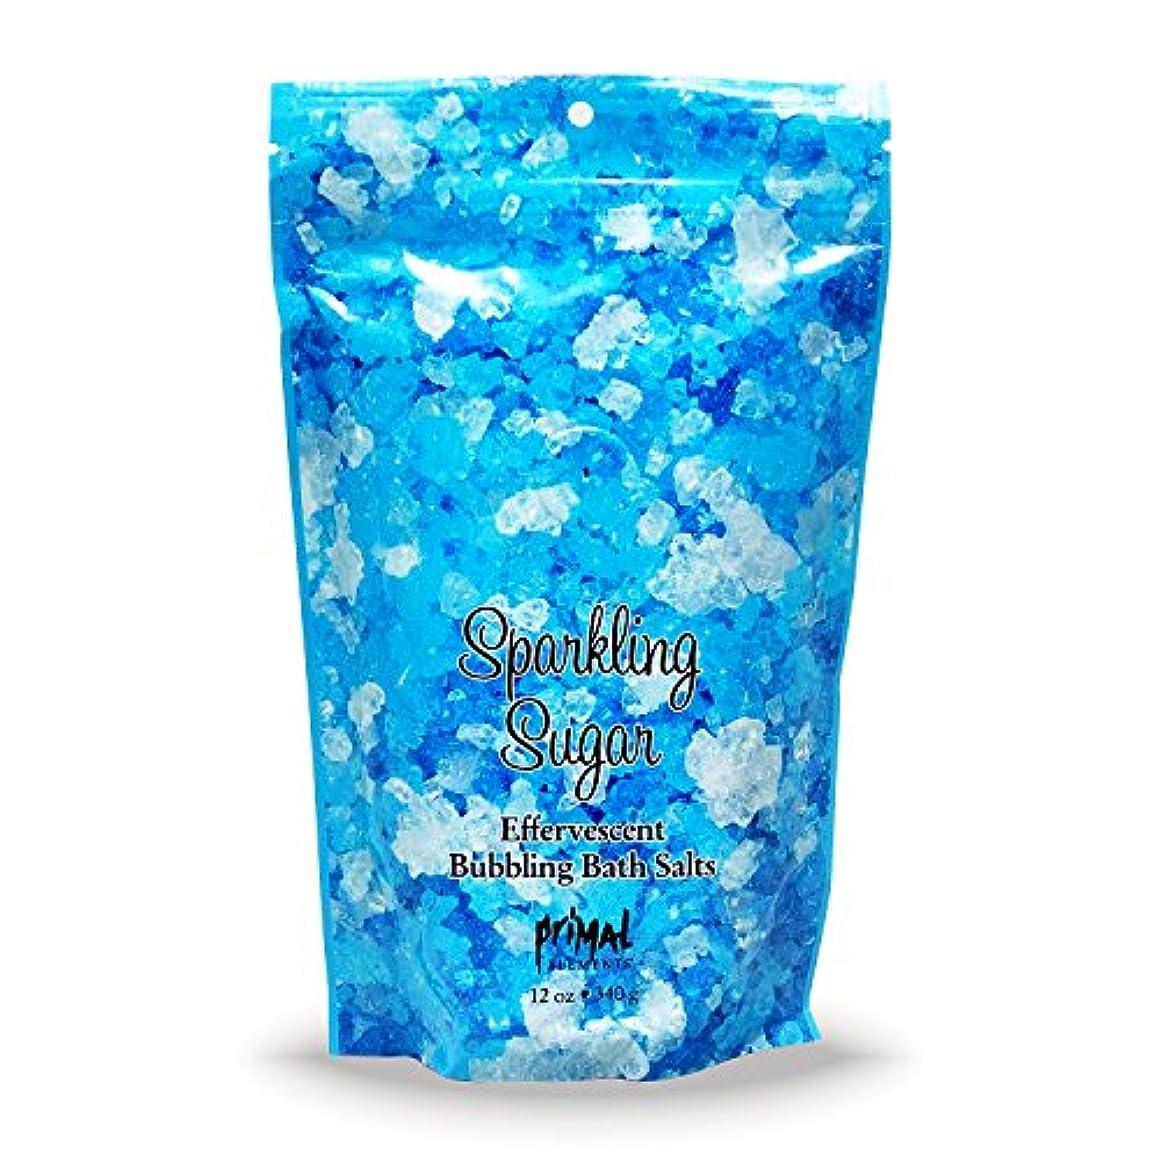 競争頻繁に心配するプライモールエレメンツ バブリング バスソルト/スパークリングシュガー 340g エプソムソルト含有 アロマの香りがひろがる泡立つ入浴剤